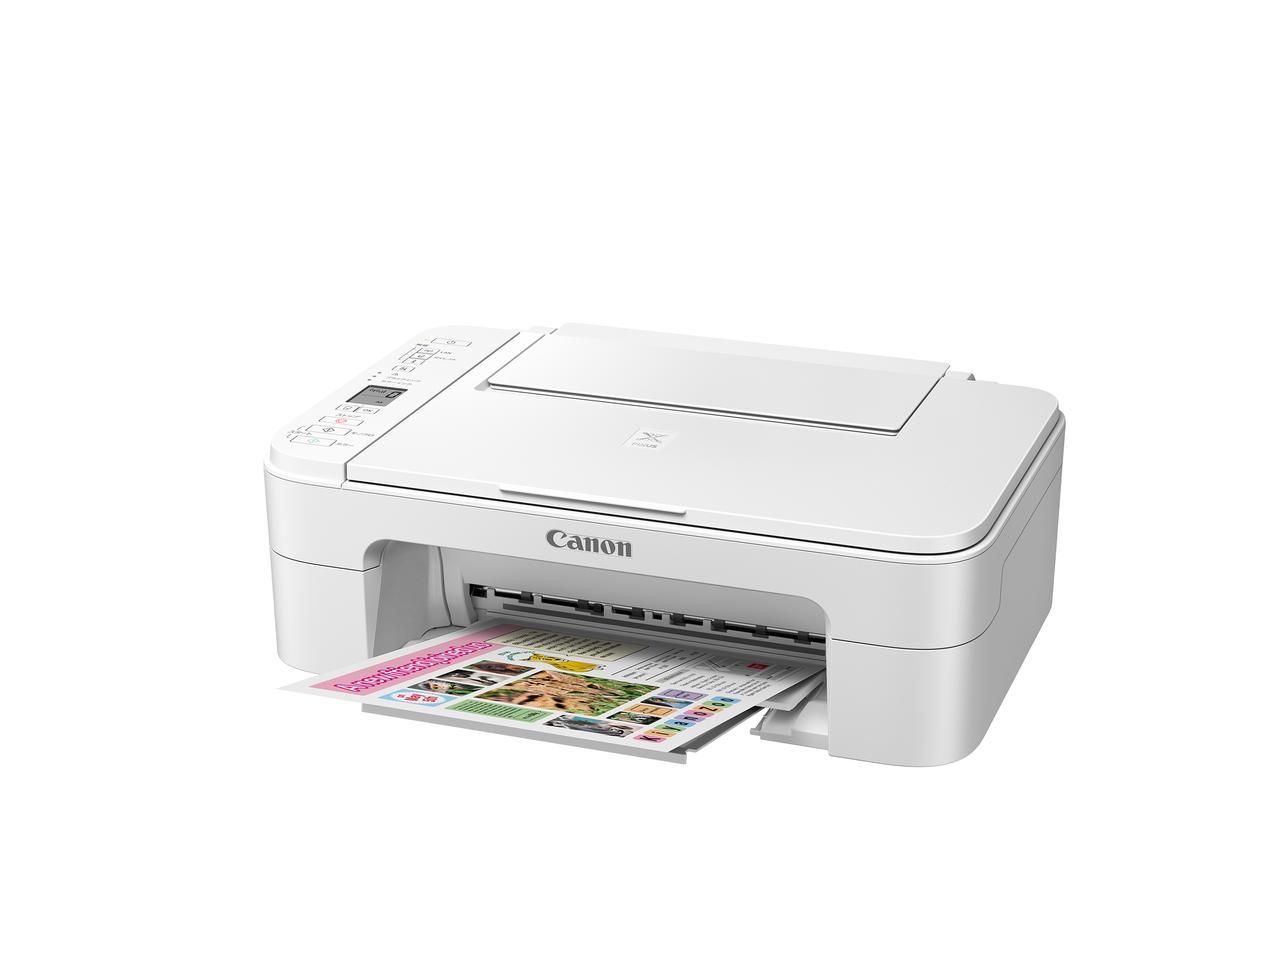 画像: ▲文書などがメインならコスパに優れたシンプルなTS3130もありだ。インクは4色ハイブリッドで一体式カートリッジ。 cweb.canon.jp